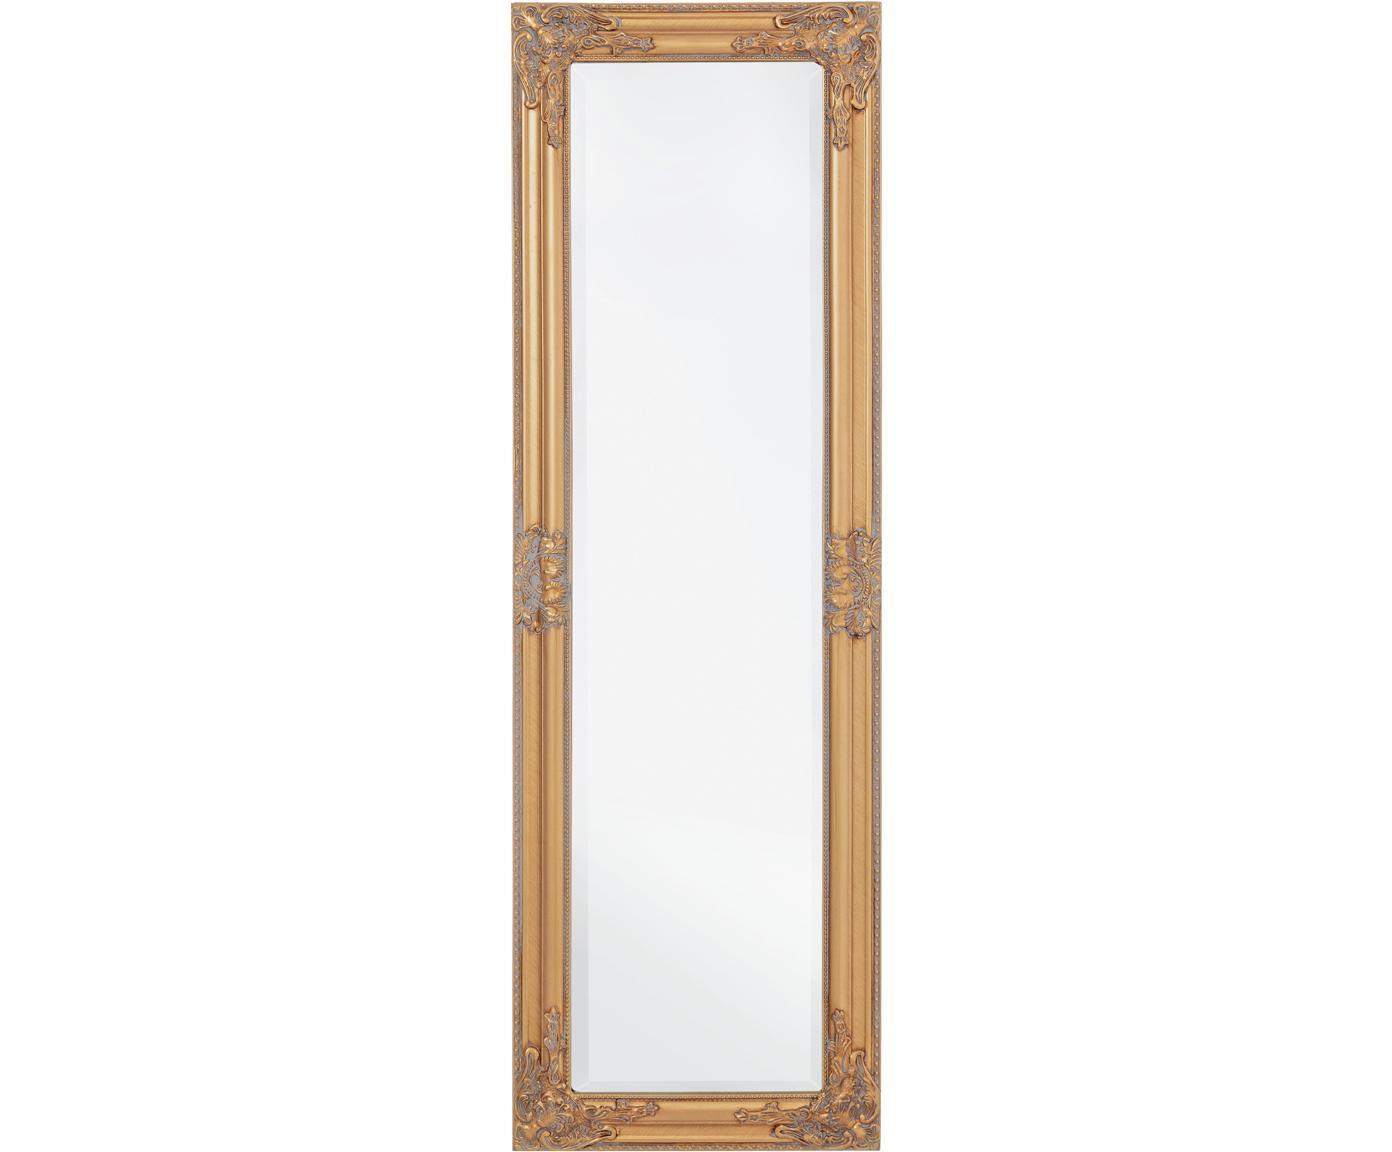 Espejo de pared Miro, con marco de madera, Espejo: cristal, Dorado, An 42 x Al 132 cm